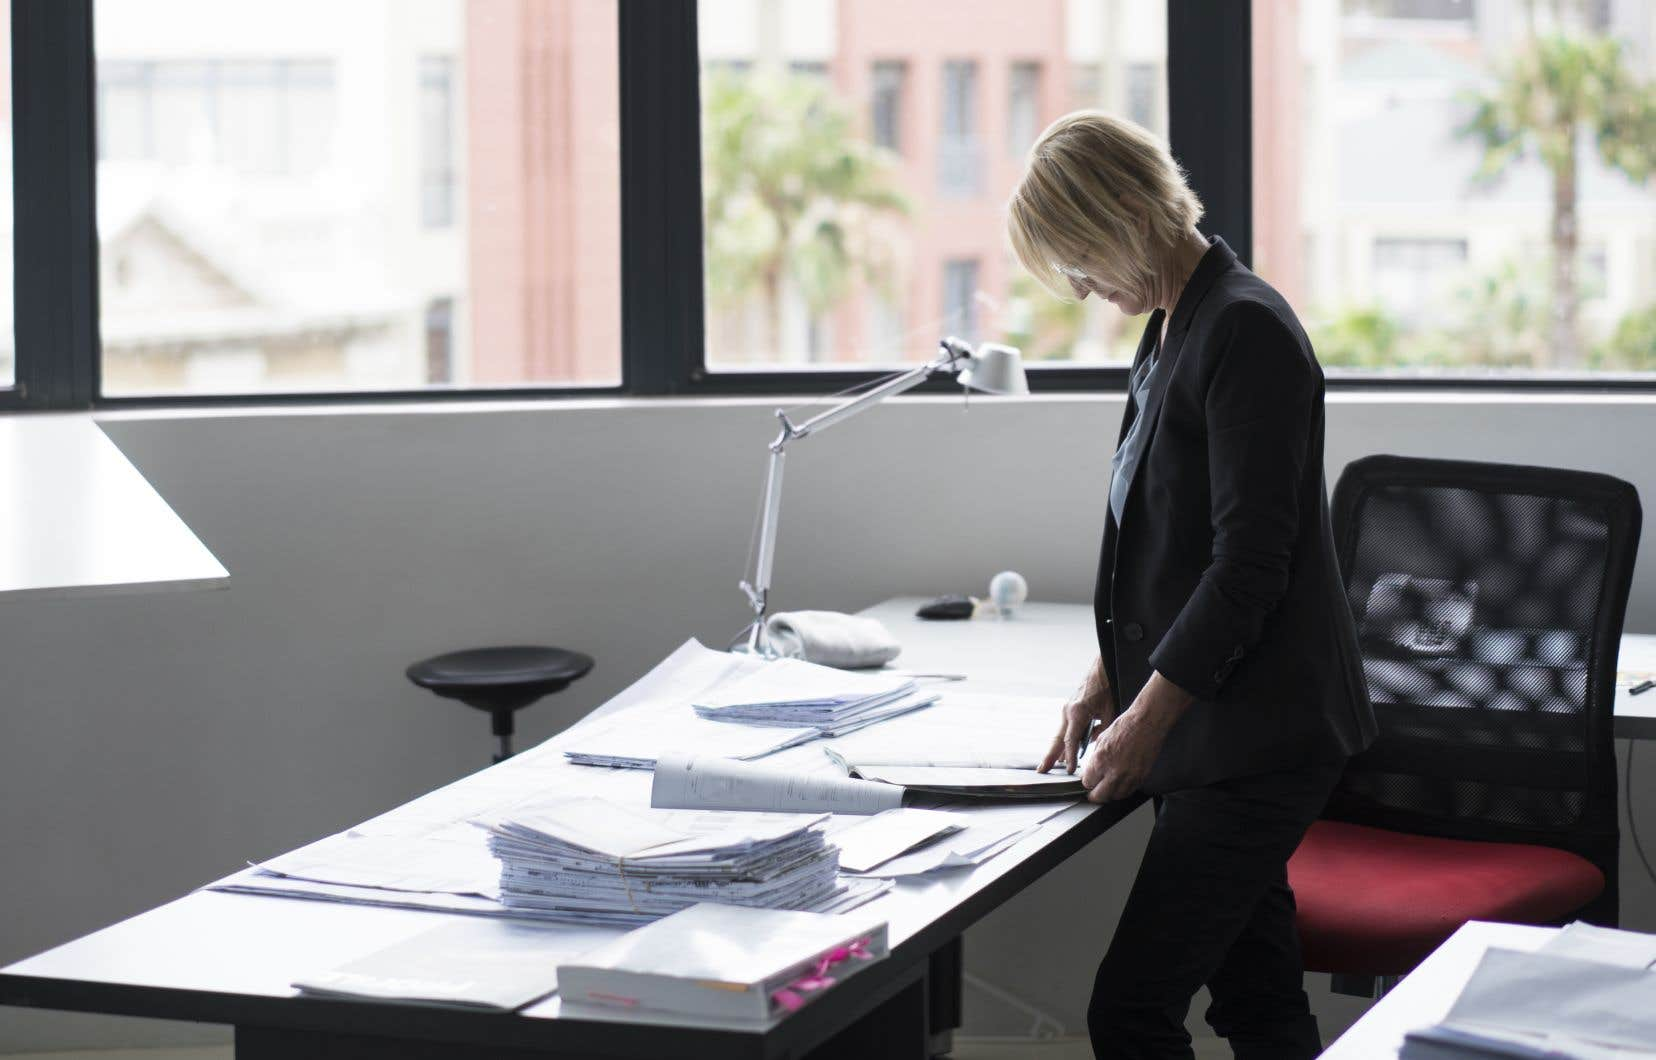 «[L]es nouvelles caractéristiques de l'organisation du travail — télétravail, automatisation de certaines fonctions, redéfinition de postes et restructuration d'entreprises — risquent de refaçonner le marché du travail de façon quasi permanente», prédit l'auteur.